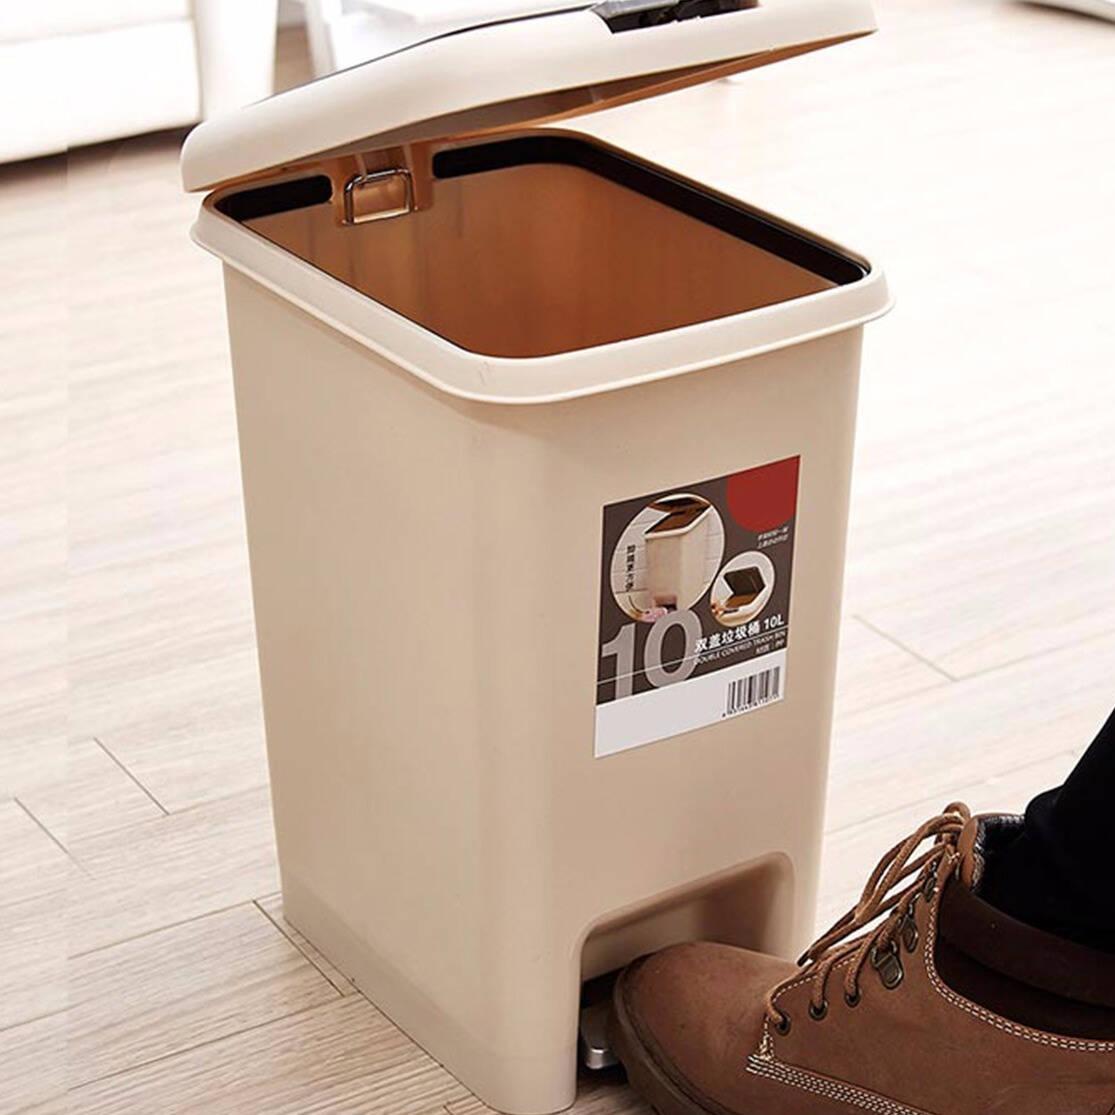 脚踏式垃圾桶十大排行榜